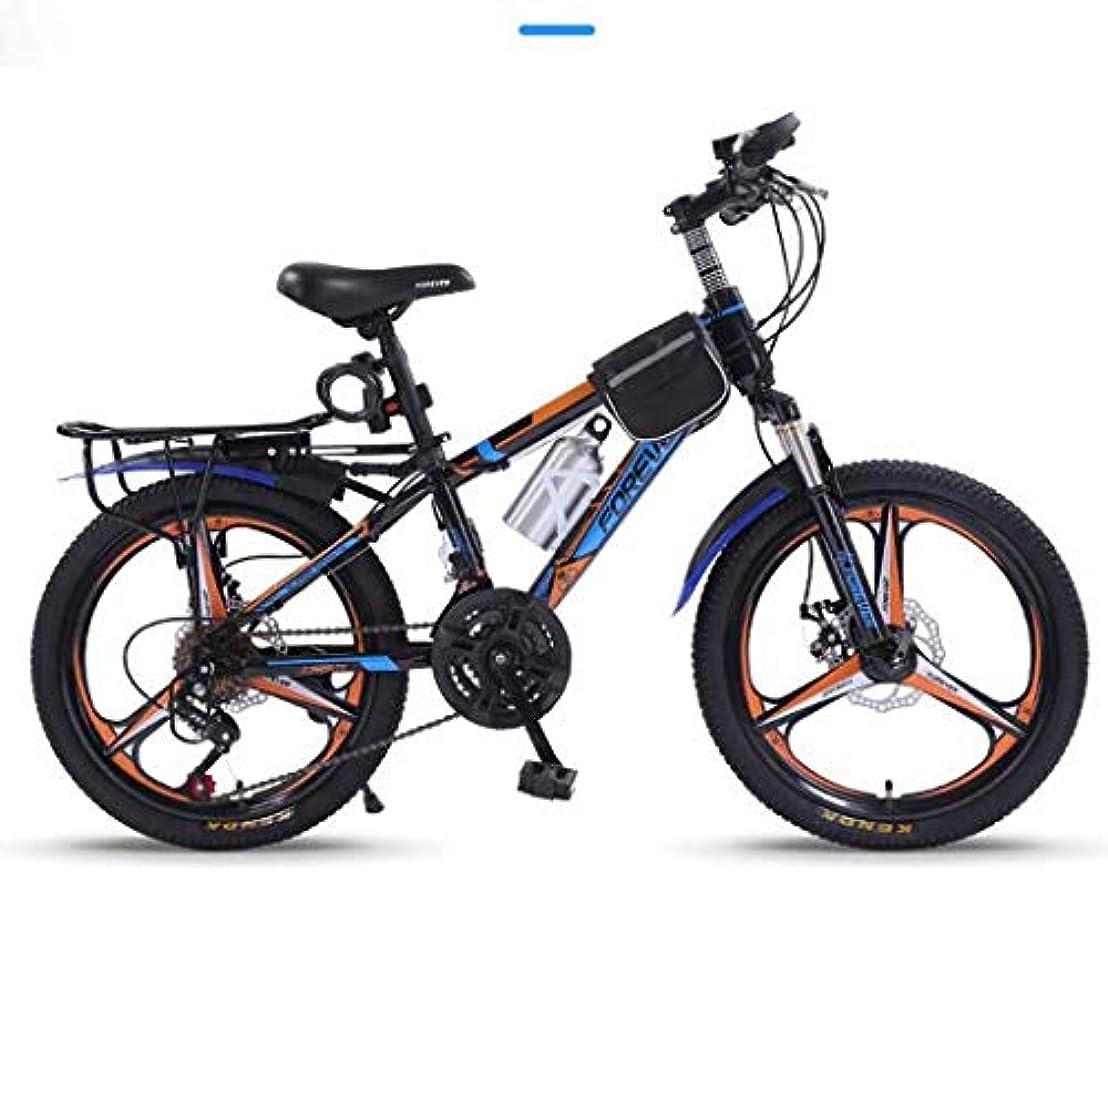 メダリスト苗反毒20インチ可変速マウンテンバイク-21スピードの快適なサドル、ノンスリップペダル、サスペンションフォーク、安全で敏感なブレーキ、子供用自転車